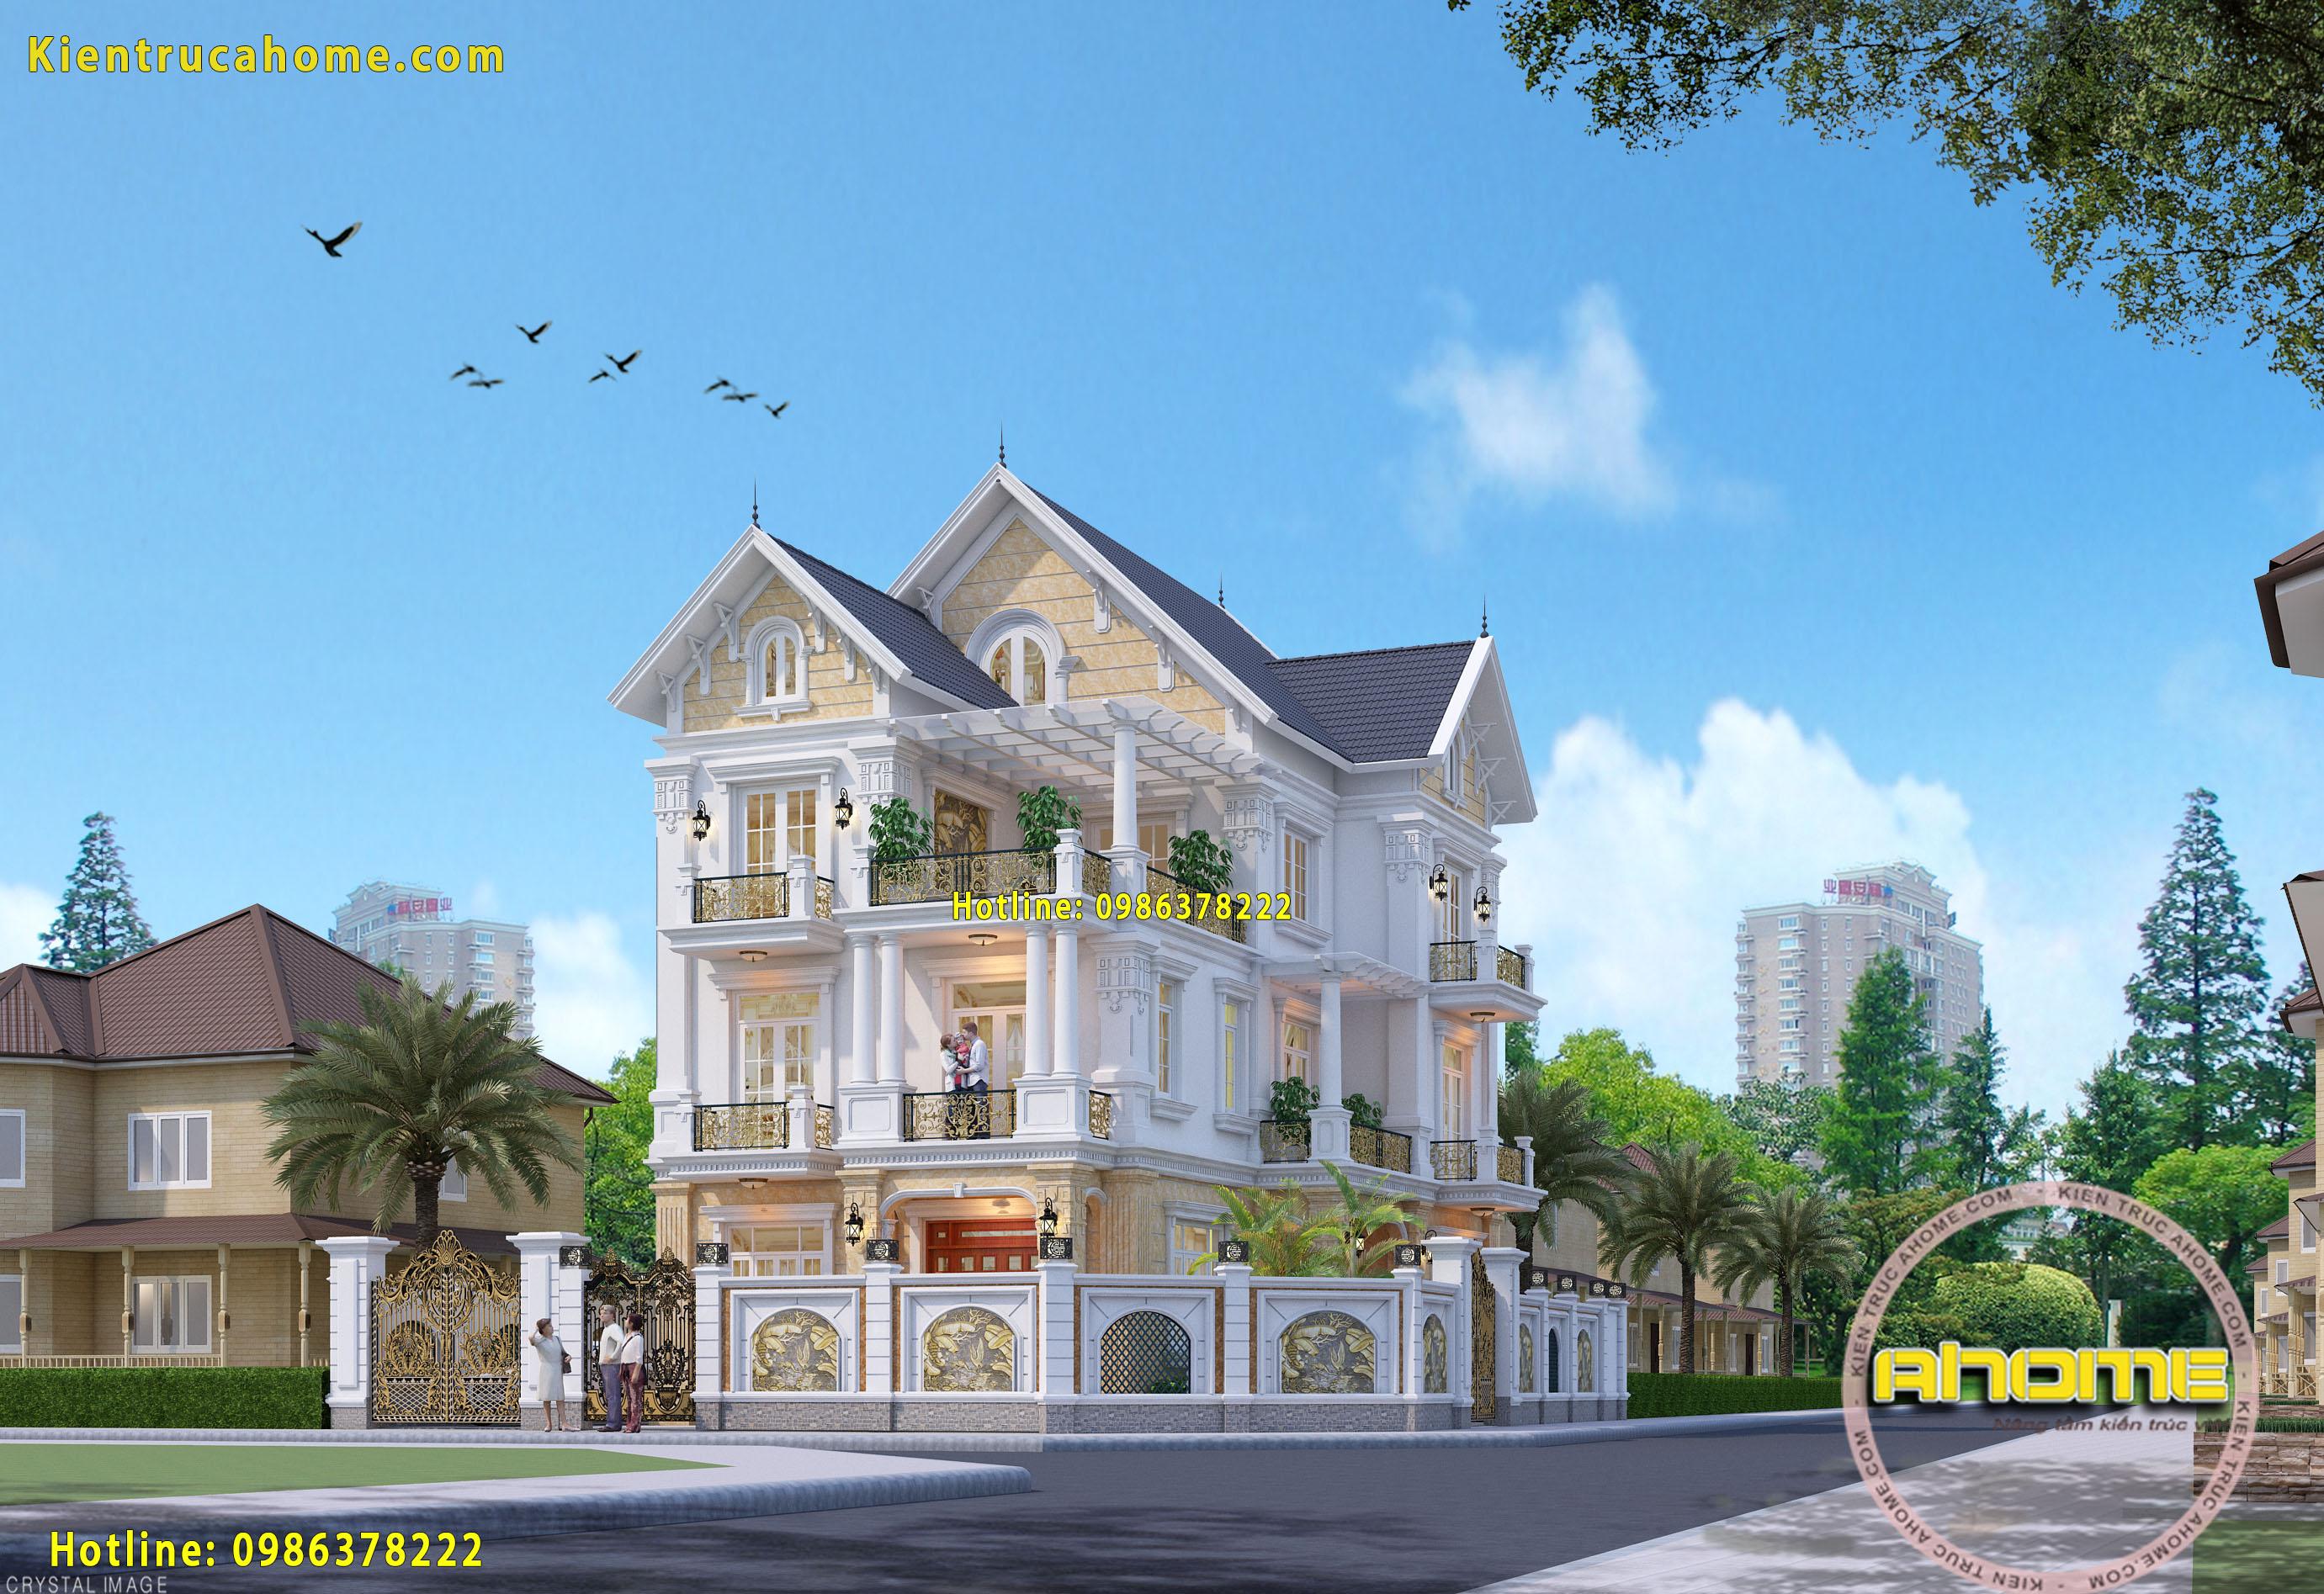 thiết kế kiến trúc biệt thự Tân cổ điển 3 tầng-3